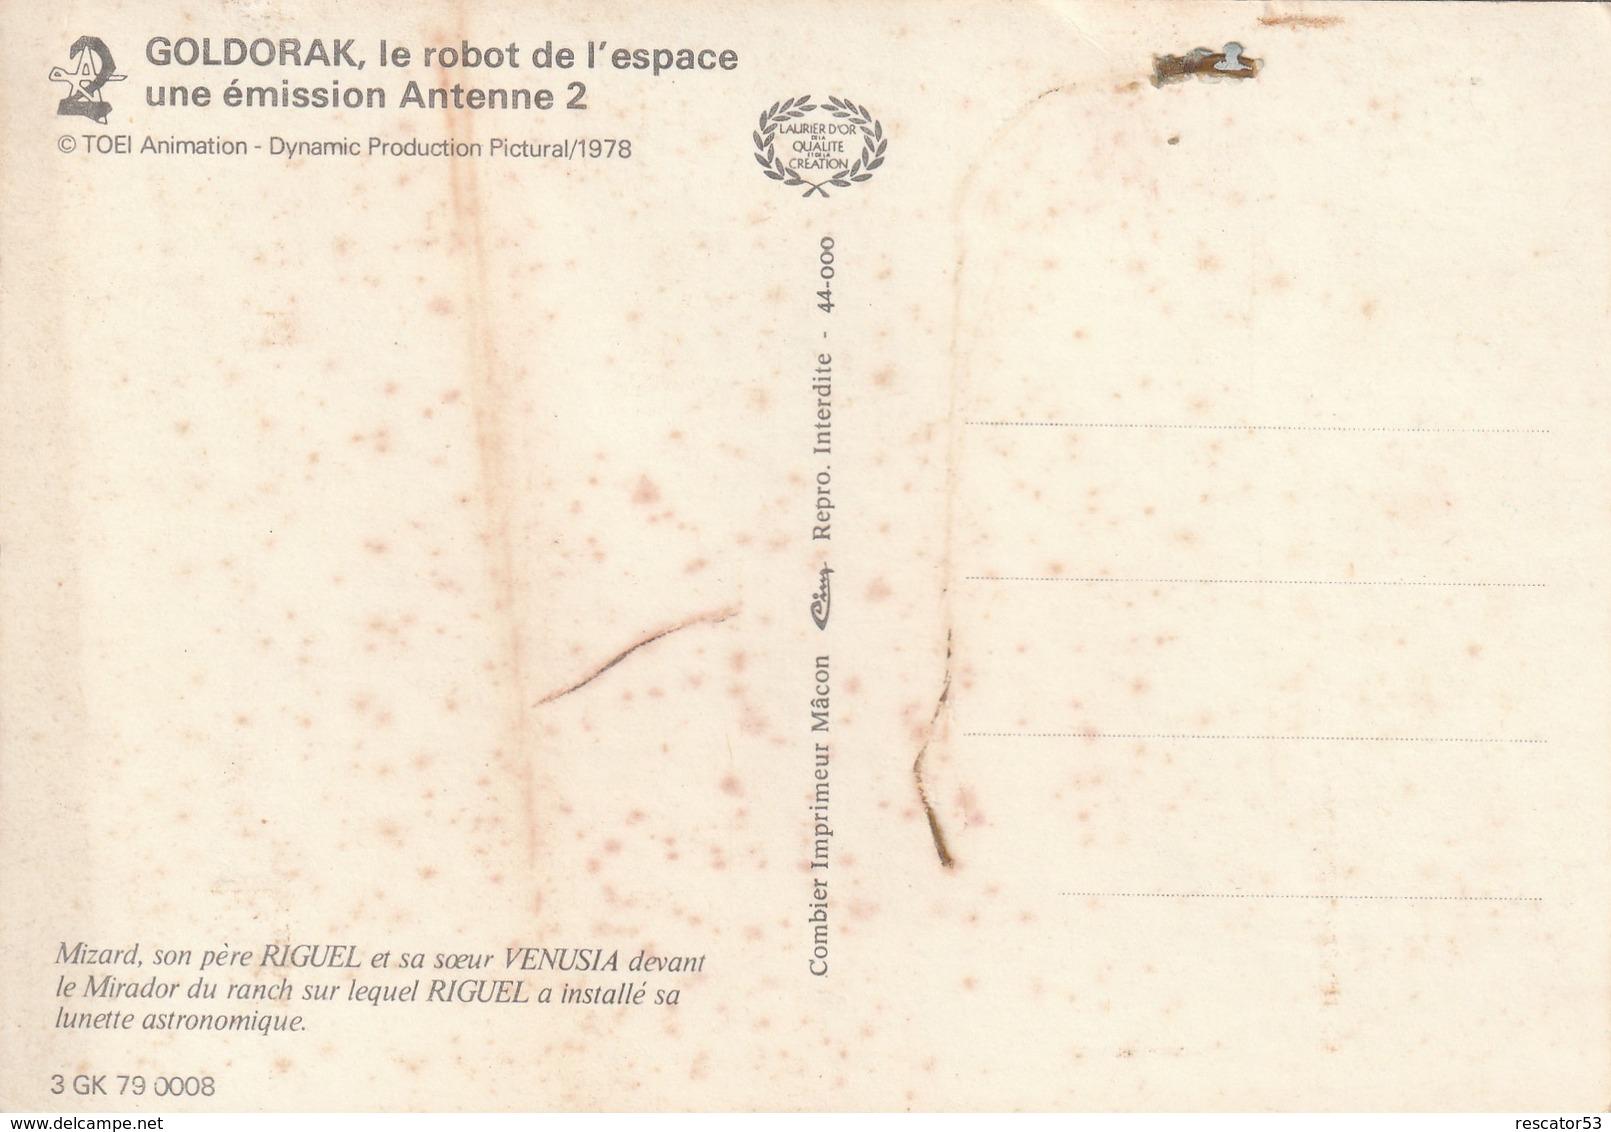 Rare CPSM Goldorak Antenne 2 1978 - Toy Memorabilia